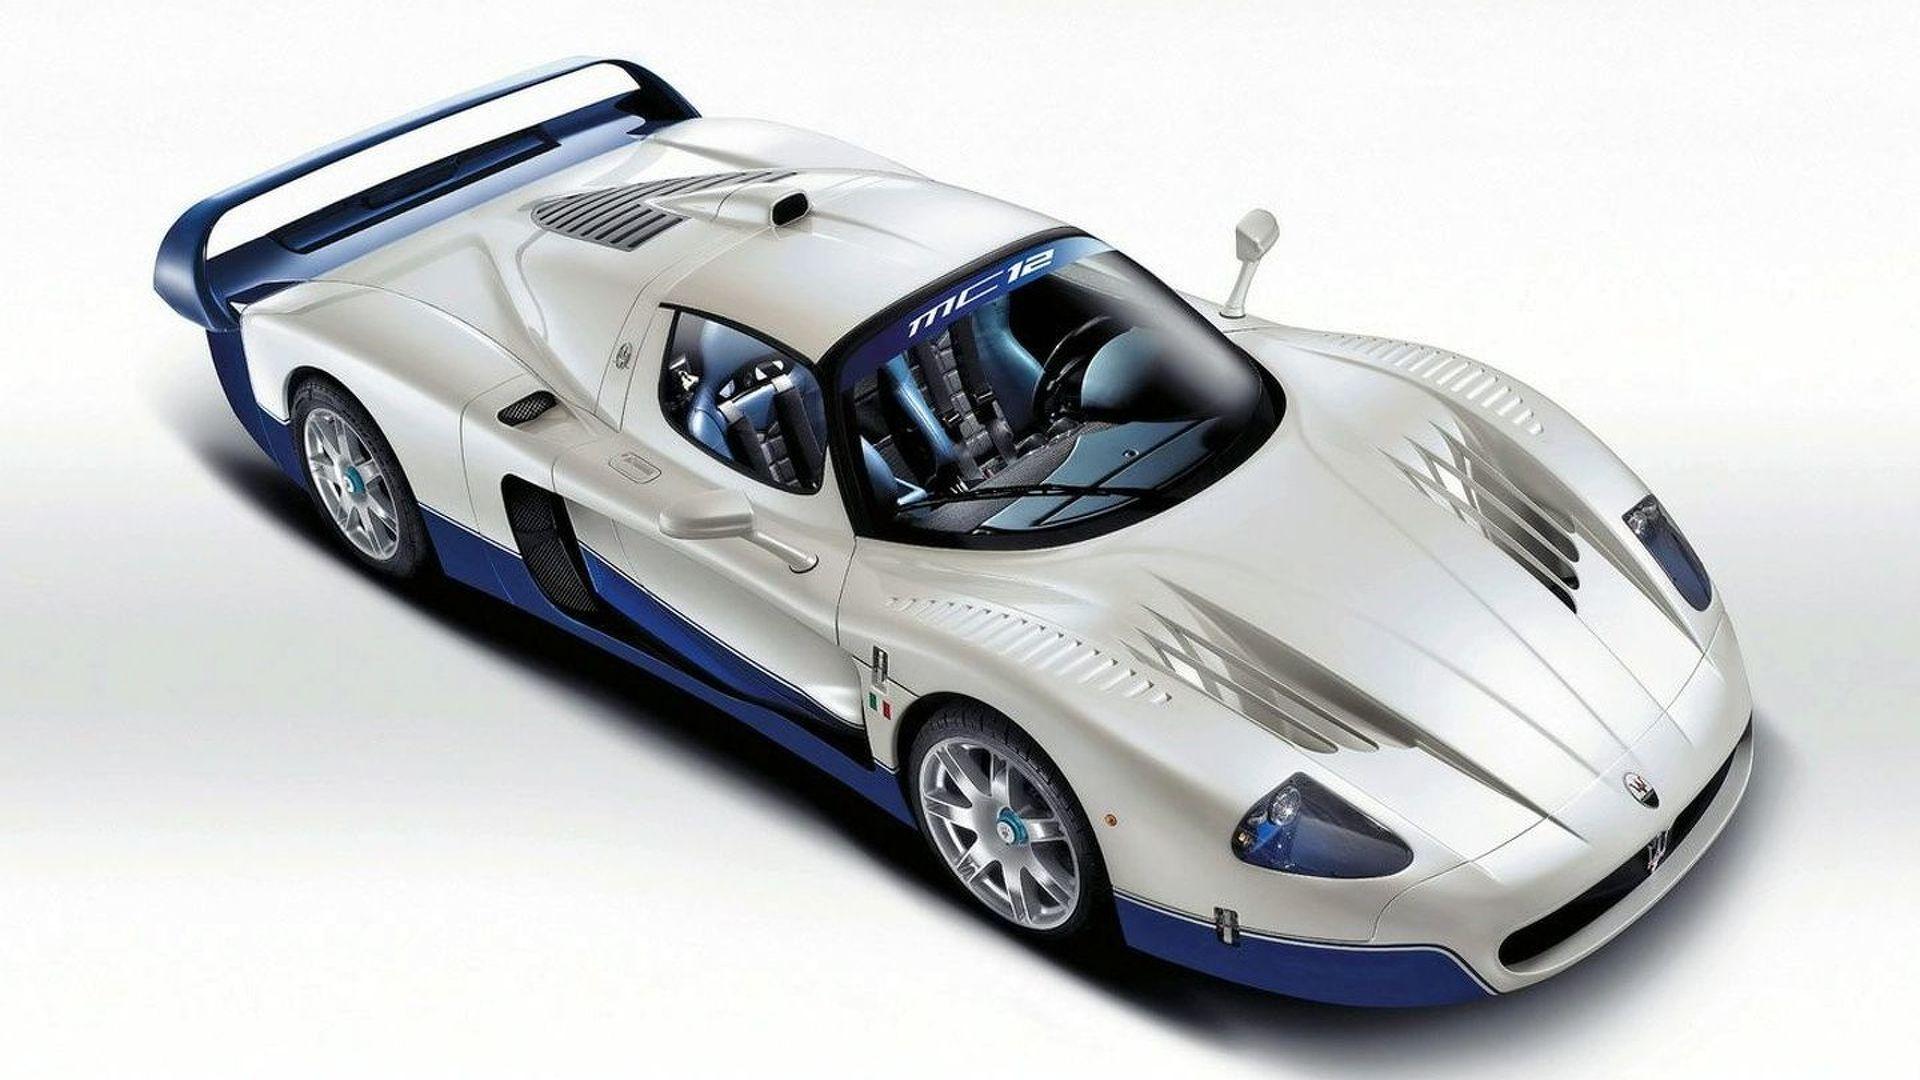 LaFerrari-based Maserati supercar due in 2015 - report